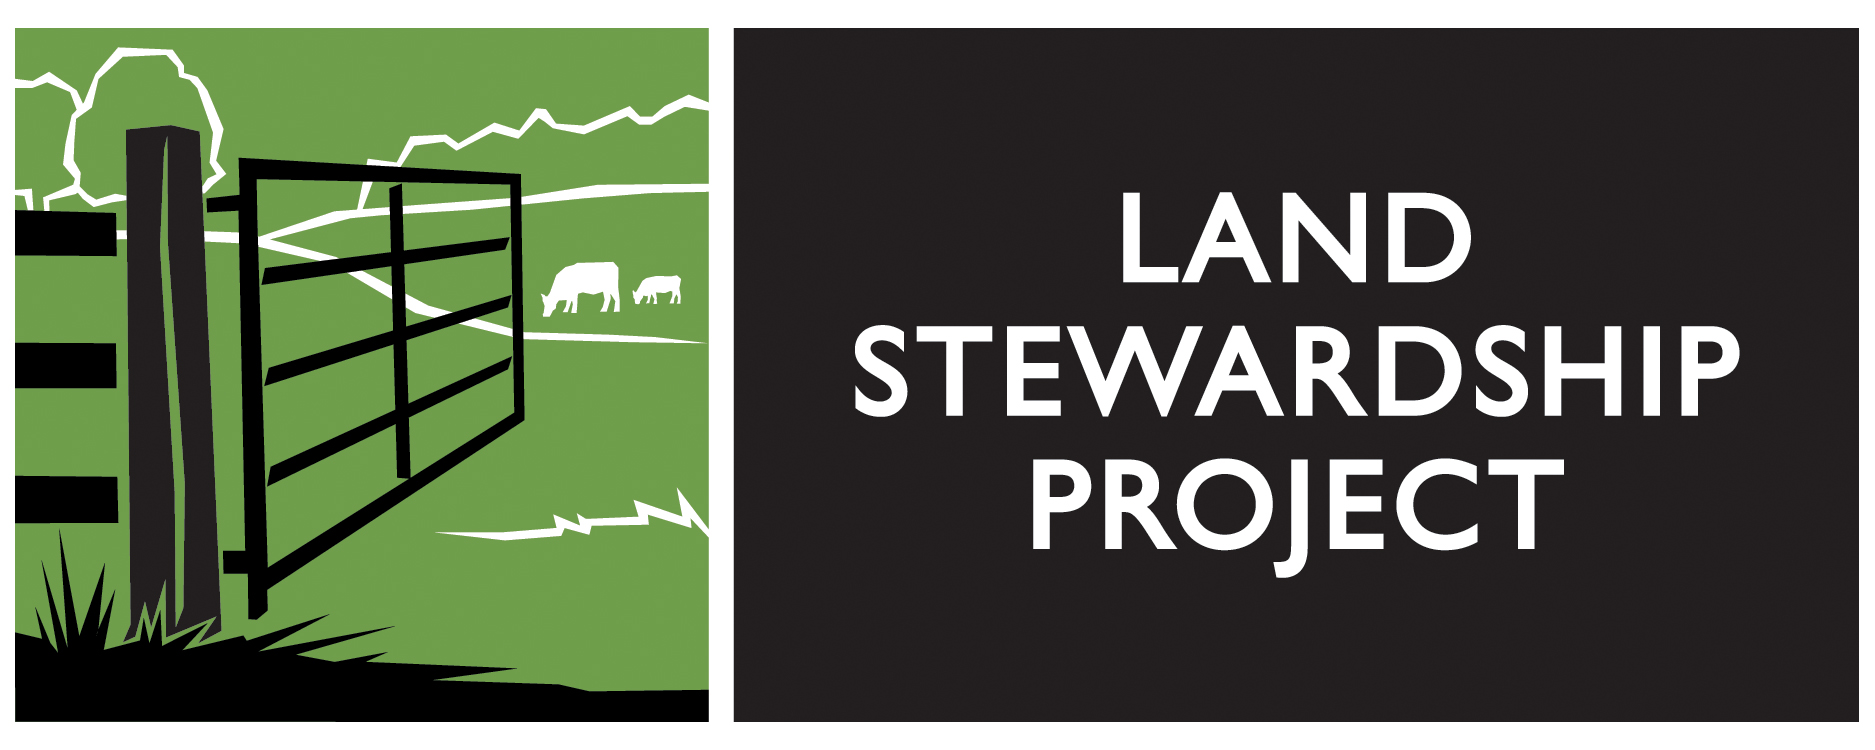 LSP Logo: Horizontal